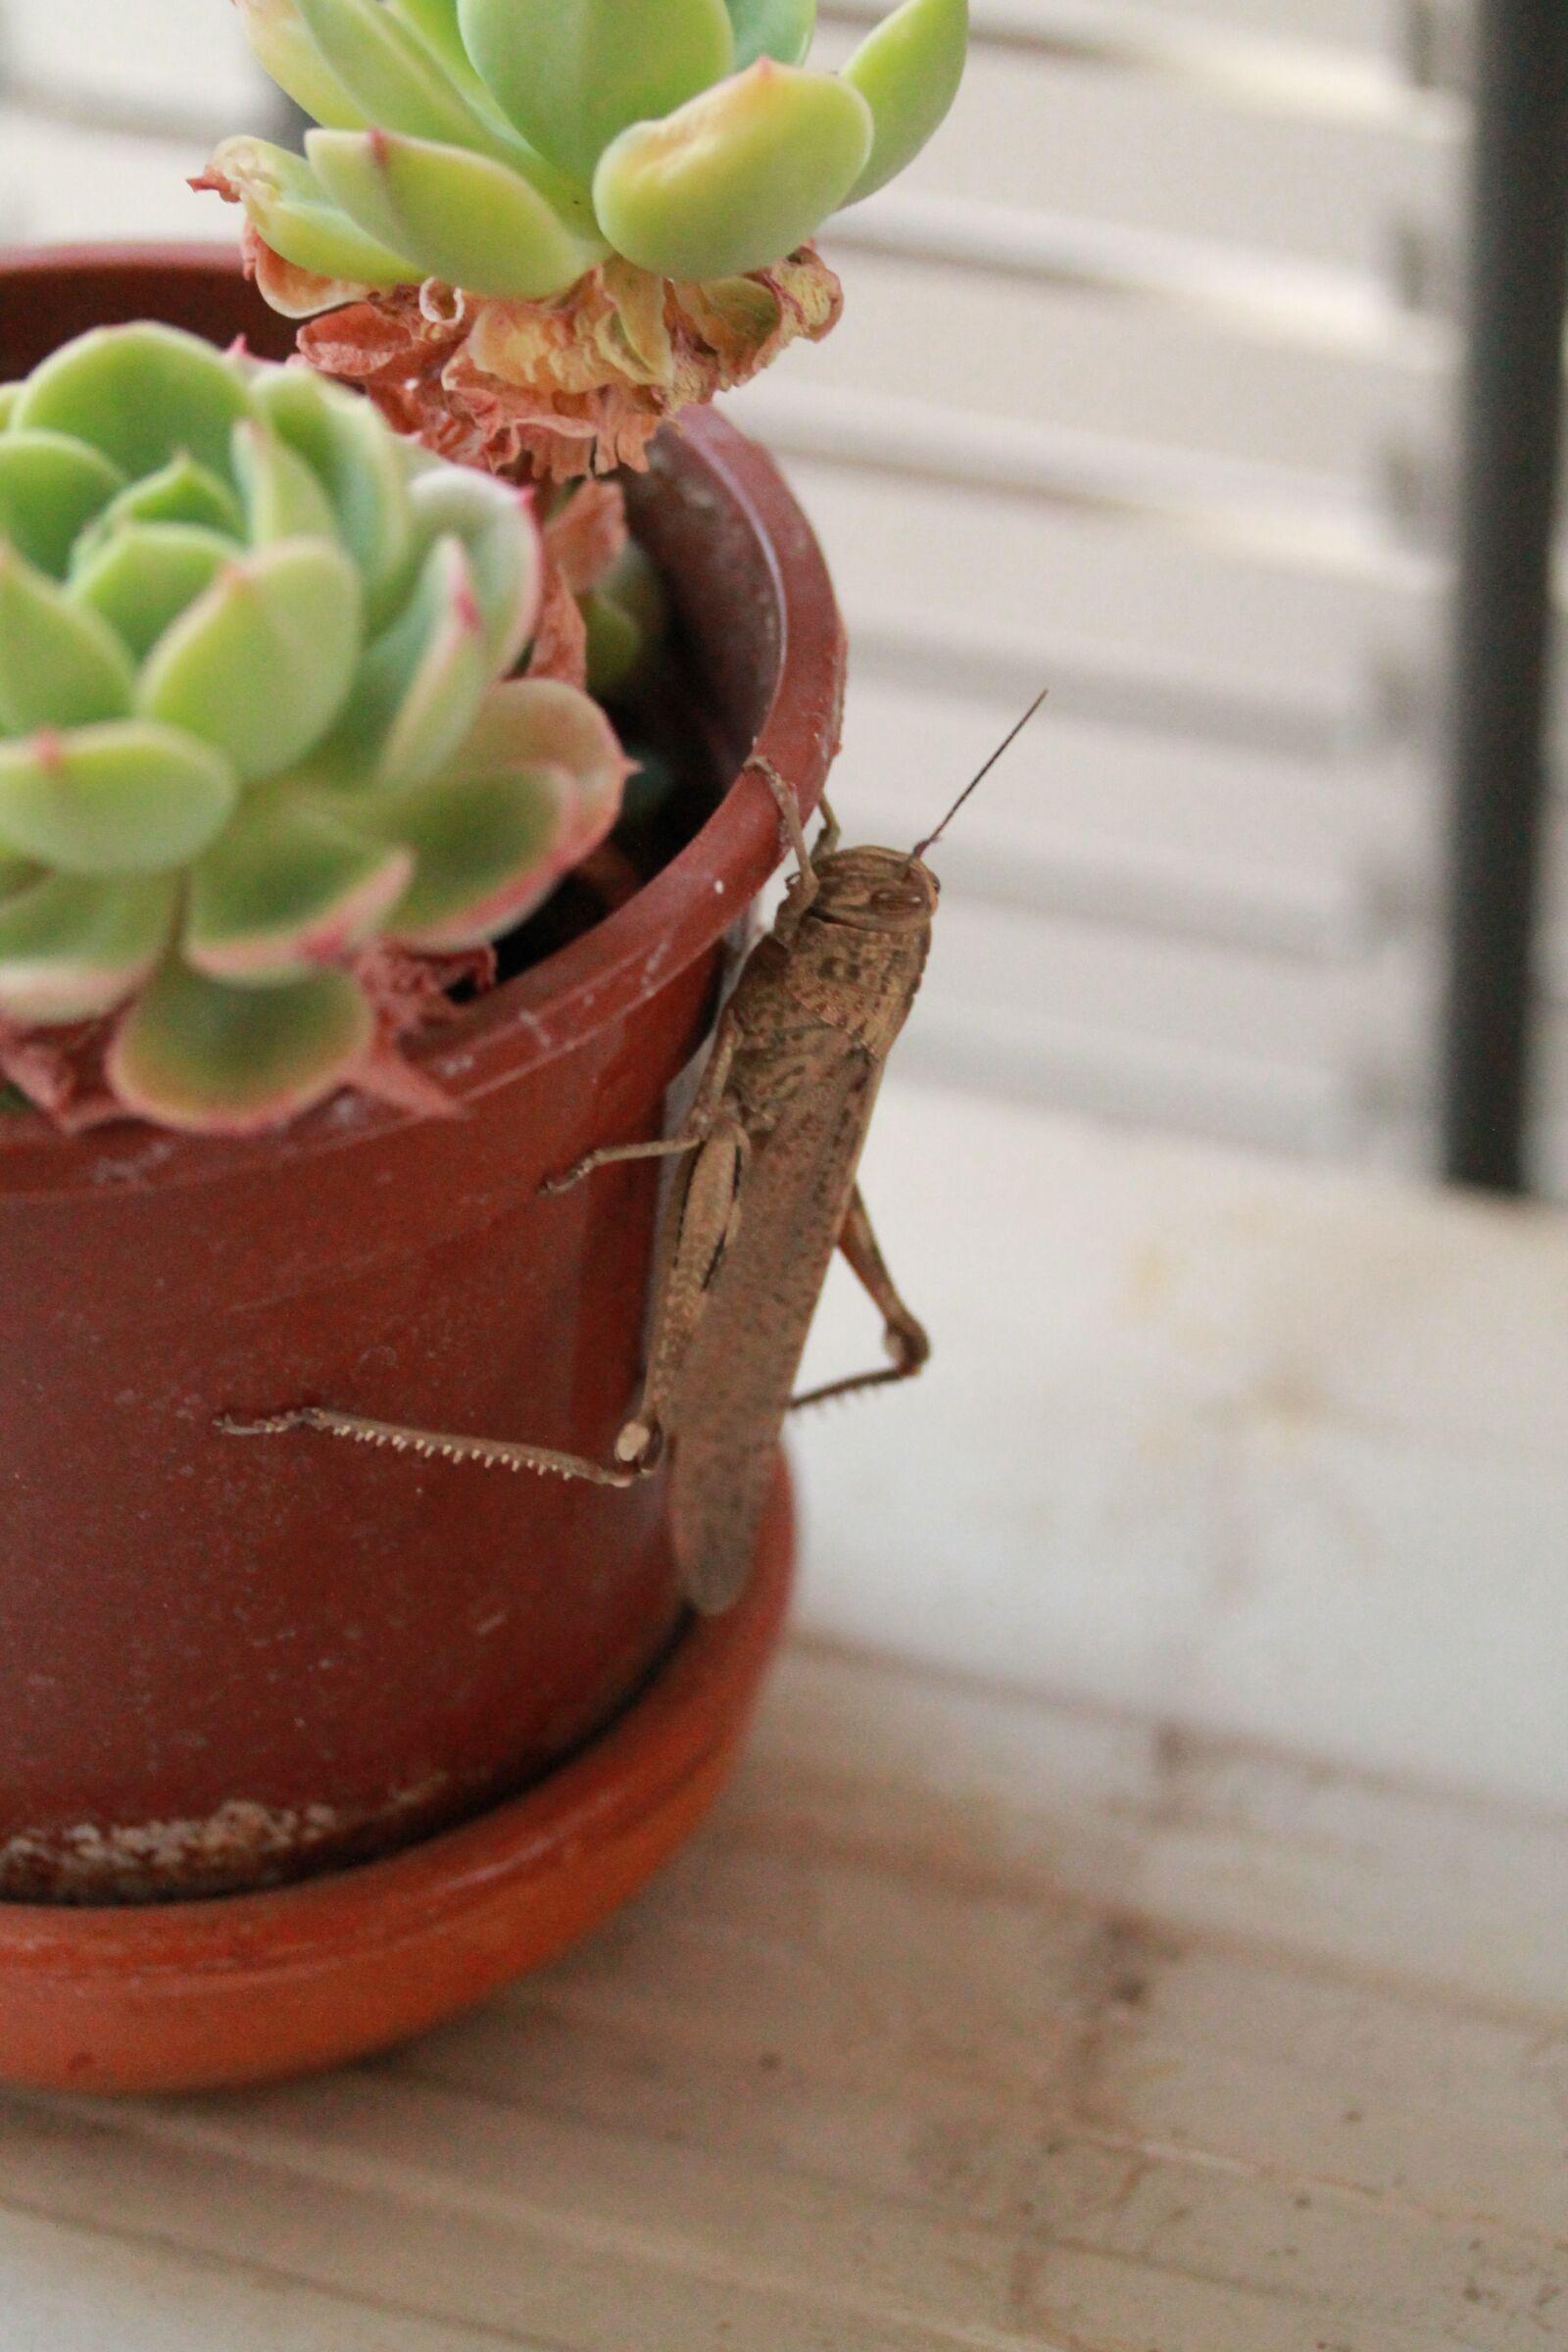 """Canon EOS 1100D (EOS Rebel T3 / EOS Kiss X50) sample photo. """"Grasshopper, balcony, spring"""" photography"""